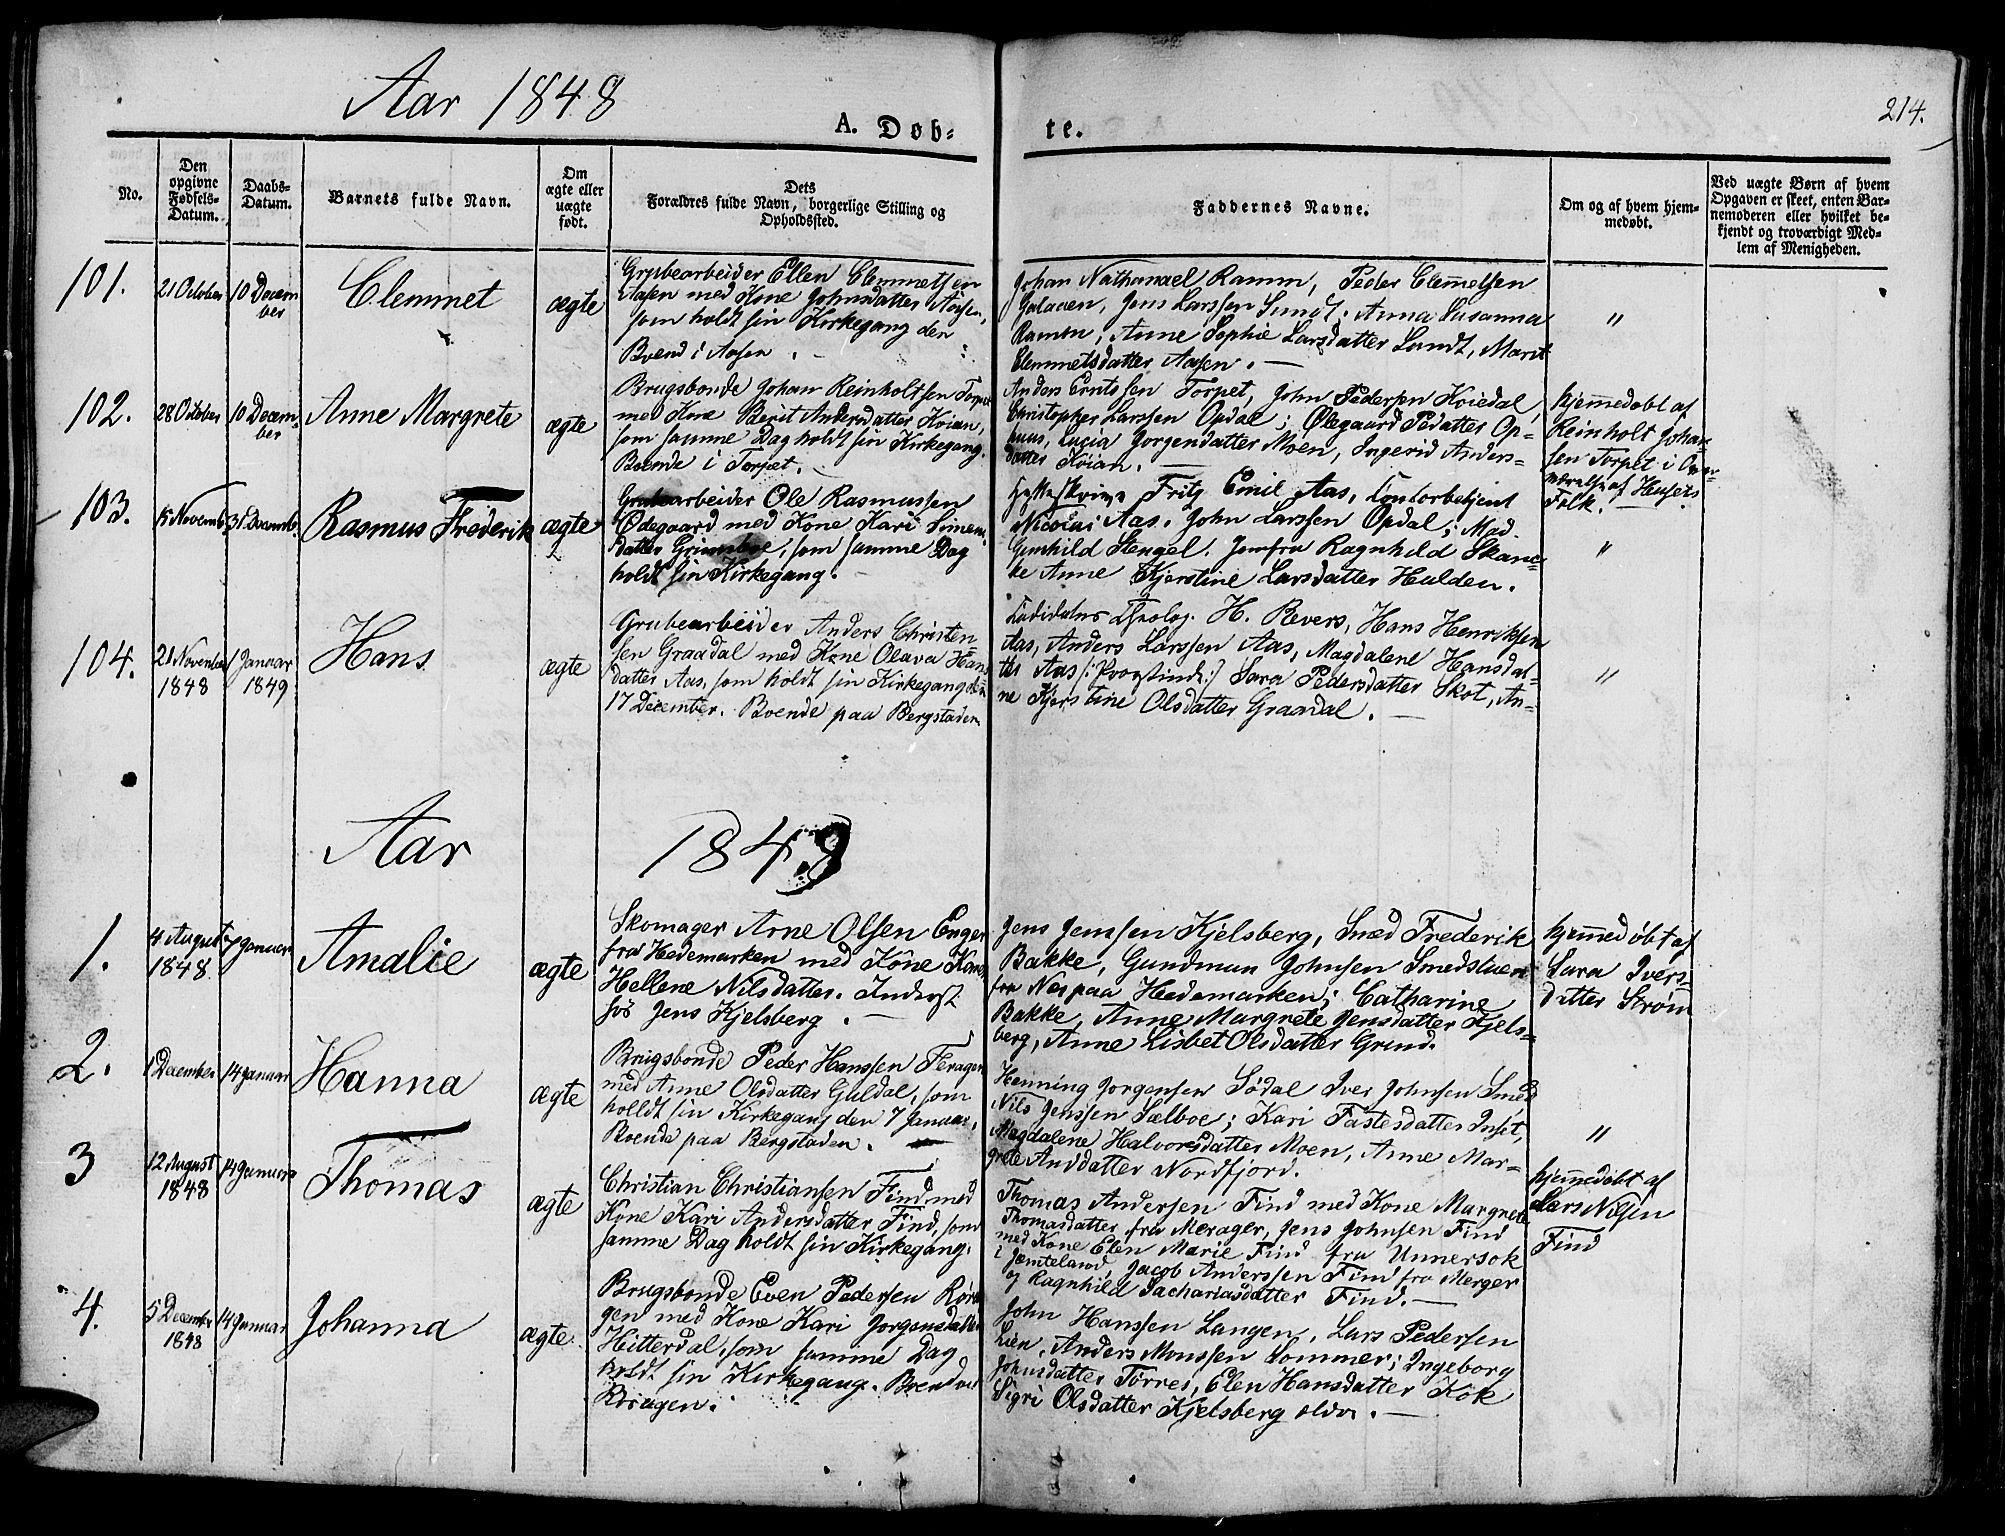 SAT, Ministerialprotokoller, klokkerbøker og fødselsregistre - Sør-Trøndelag, 681/L0938: Klokkerbok nr. 681C02, 1829-1879, s. 214